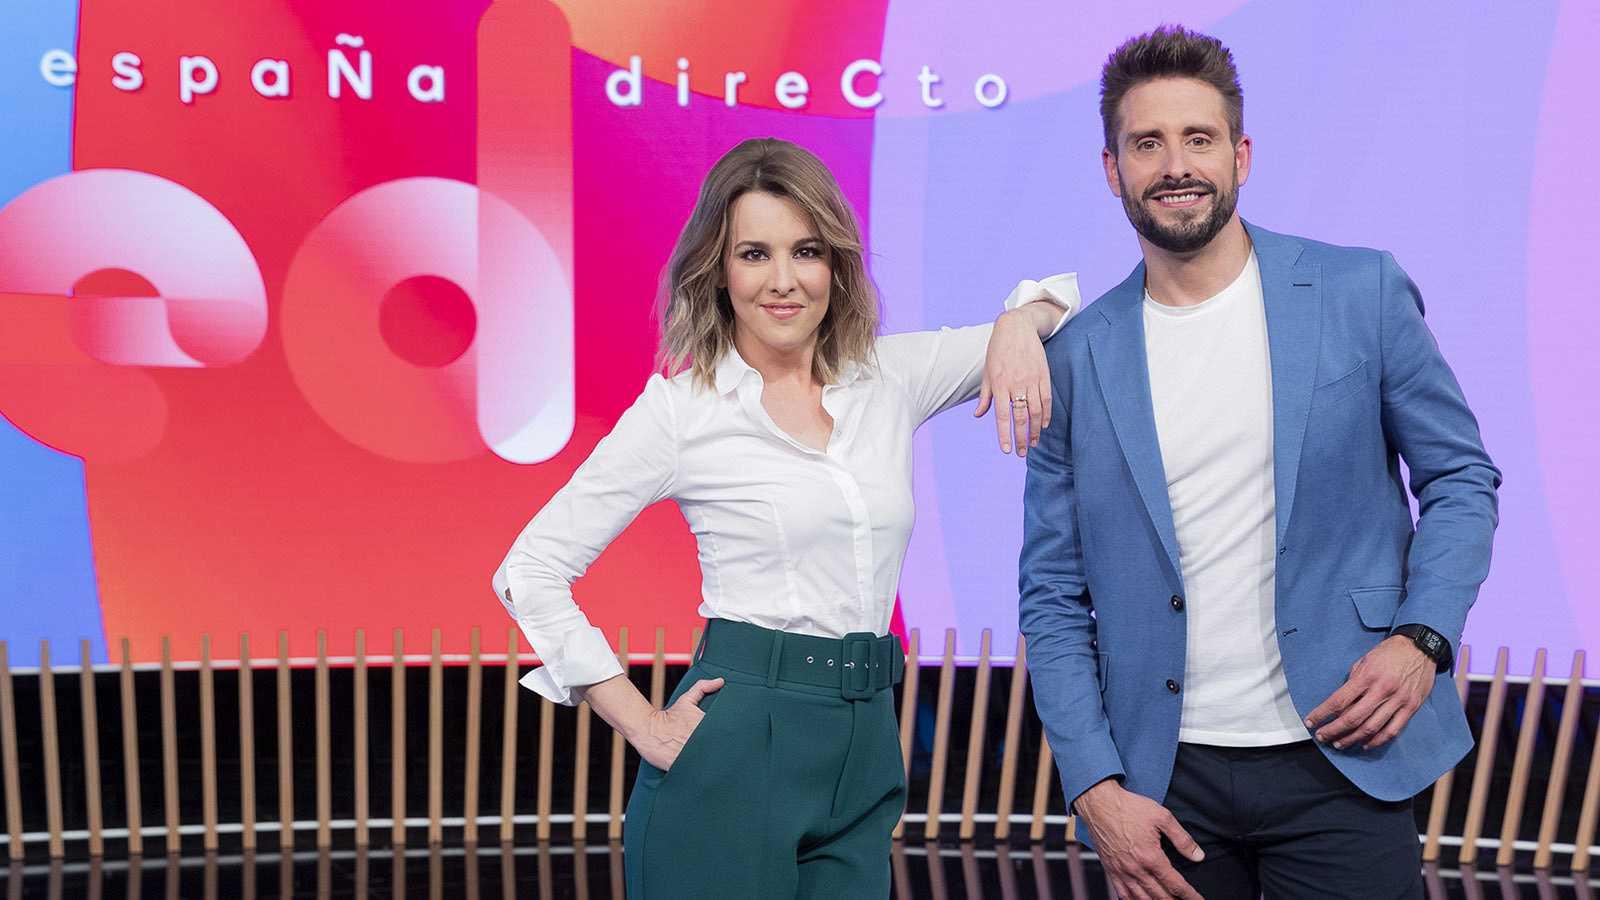 Ana Ibañez y Ángel Pons, presentadores de 'España directo'